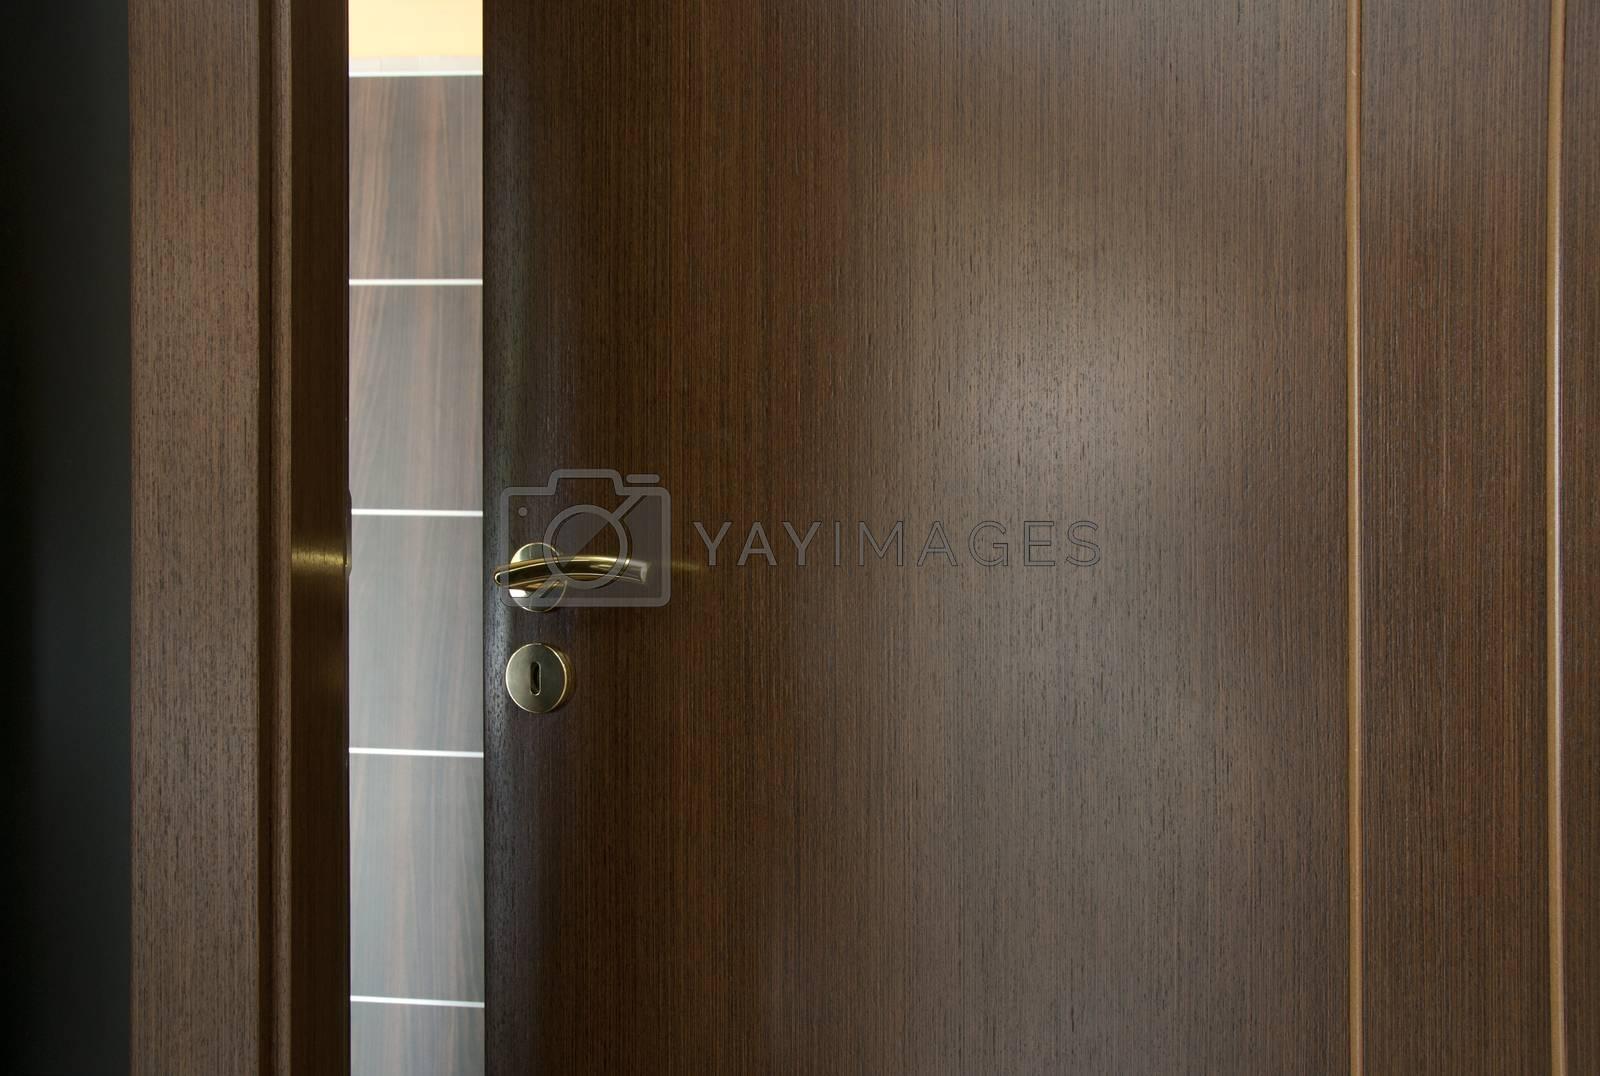 Opened door. Real estate idea